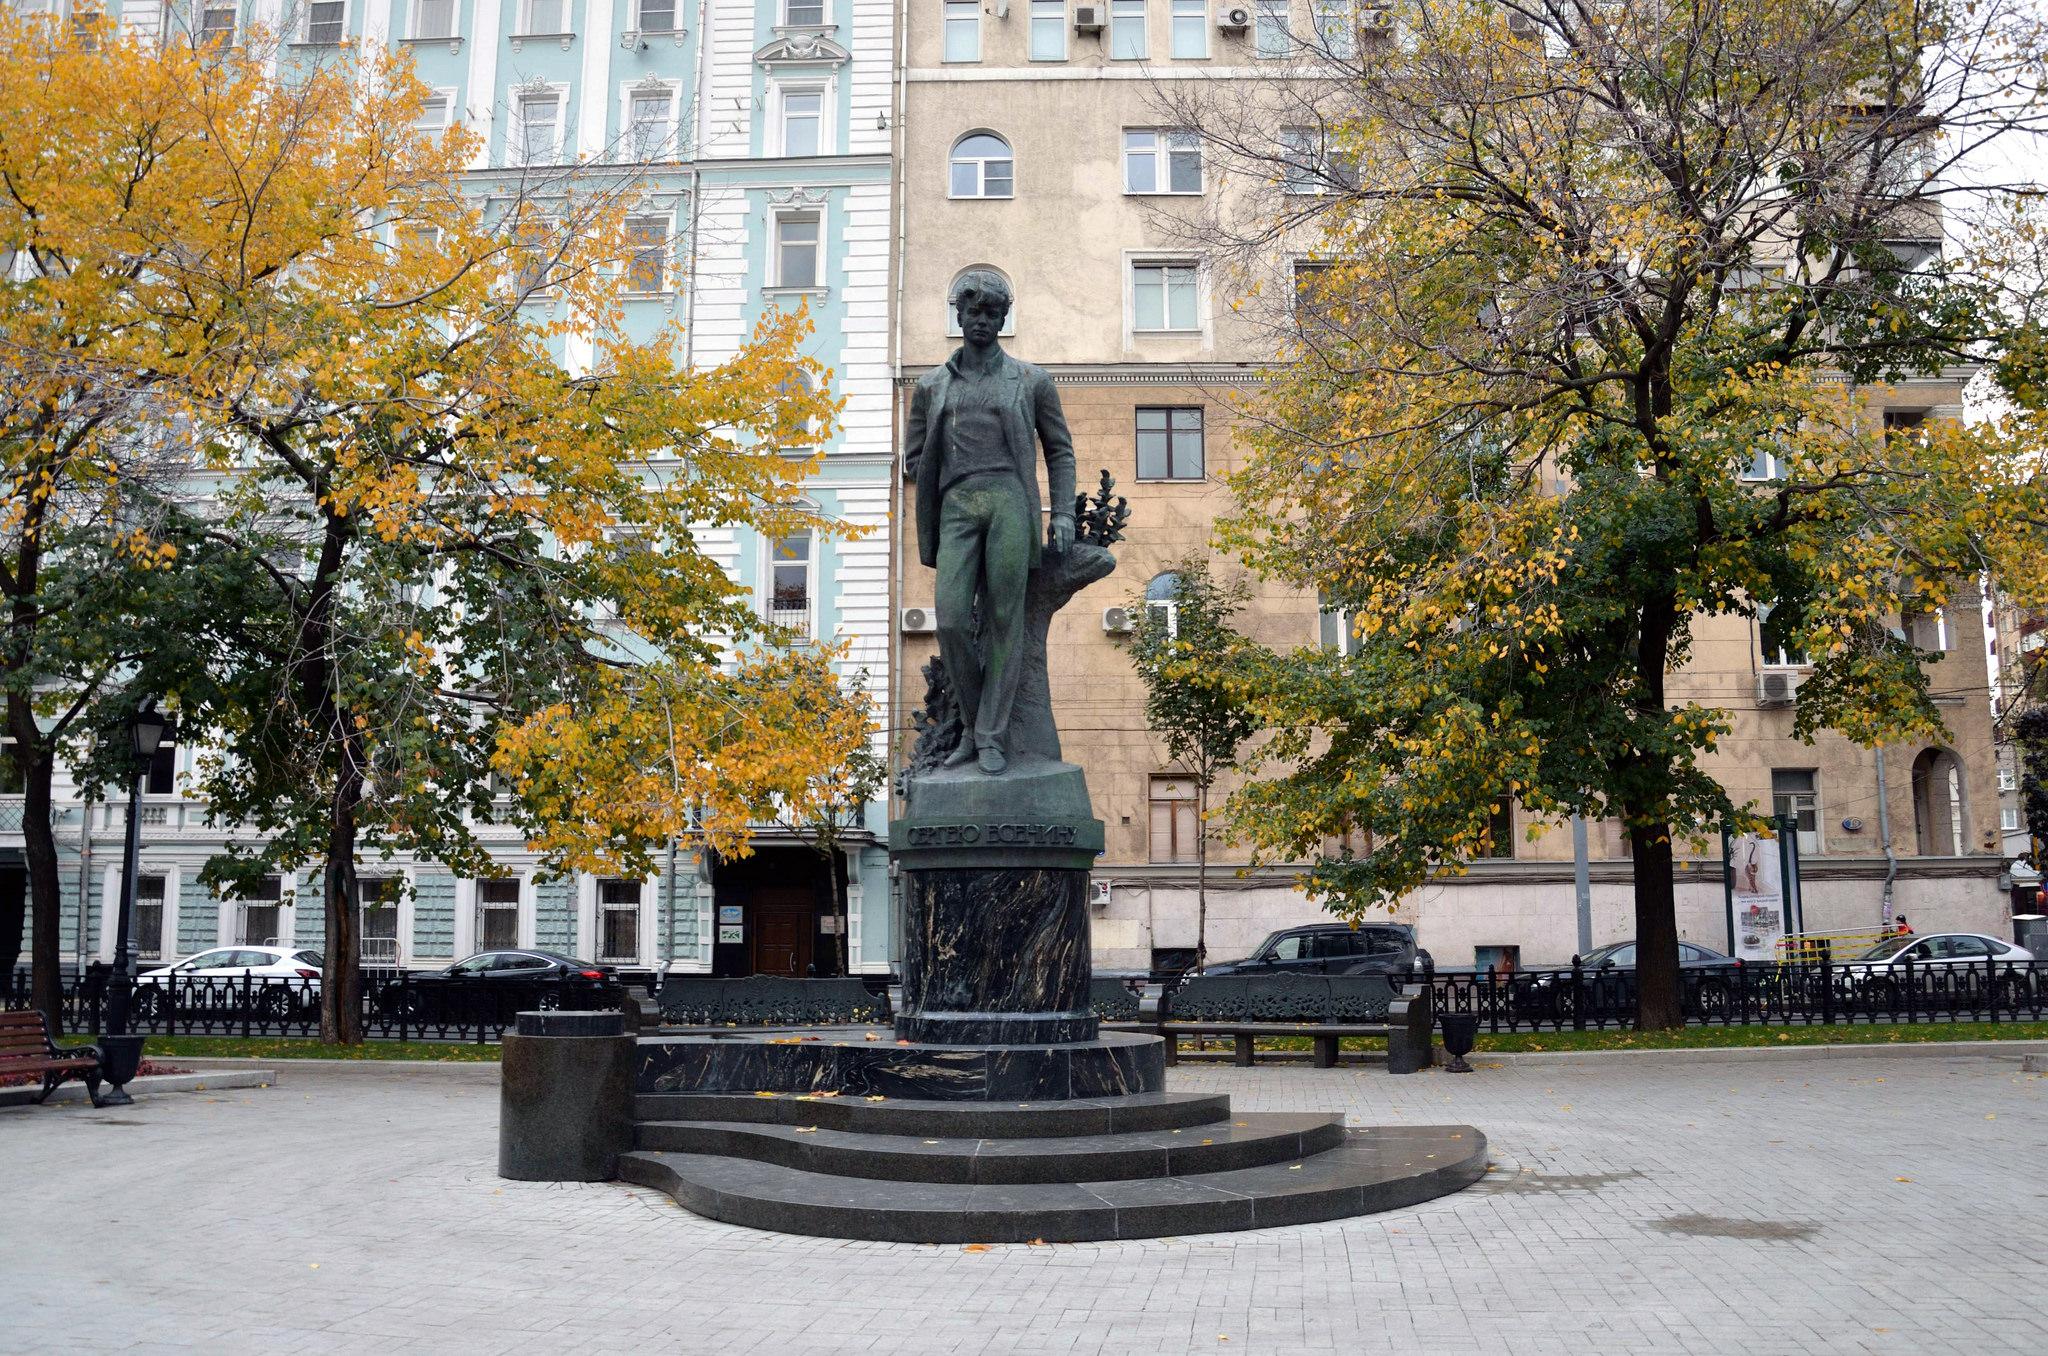 Цены на памятники в тольятти воронеже памятник в таганроге с ценами и тонкому